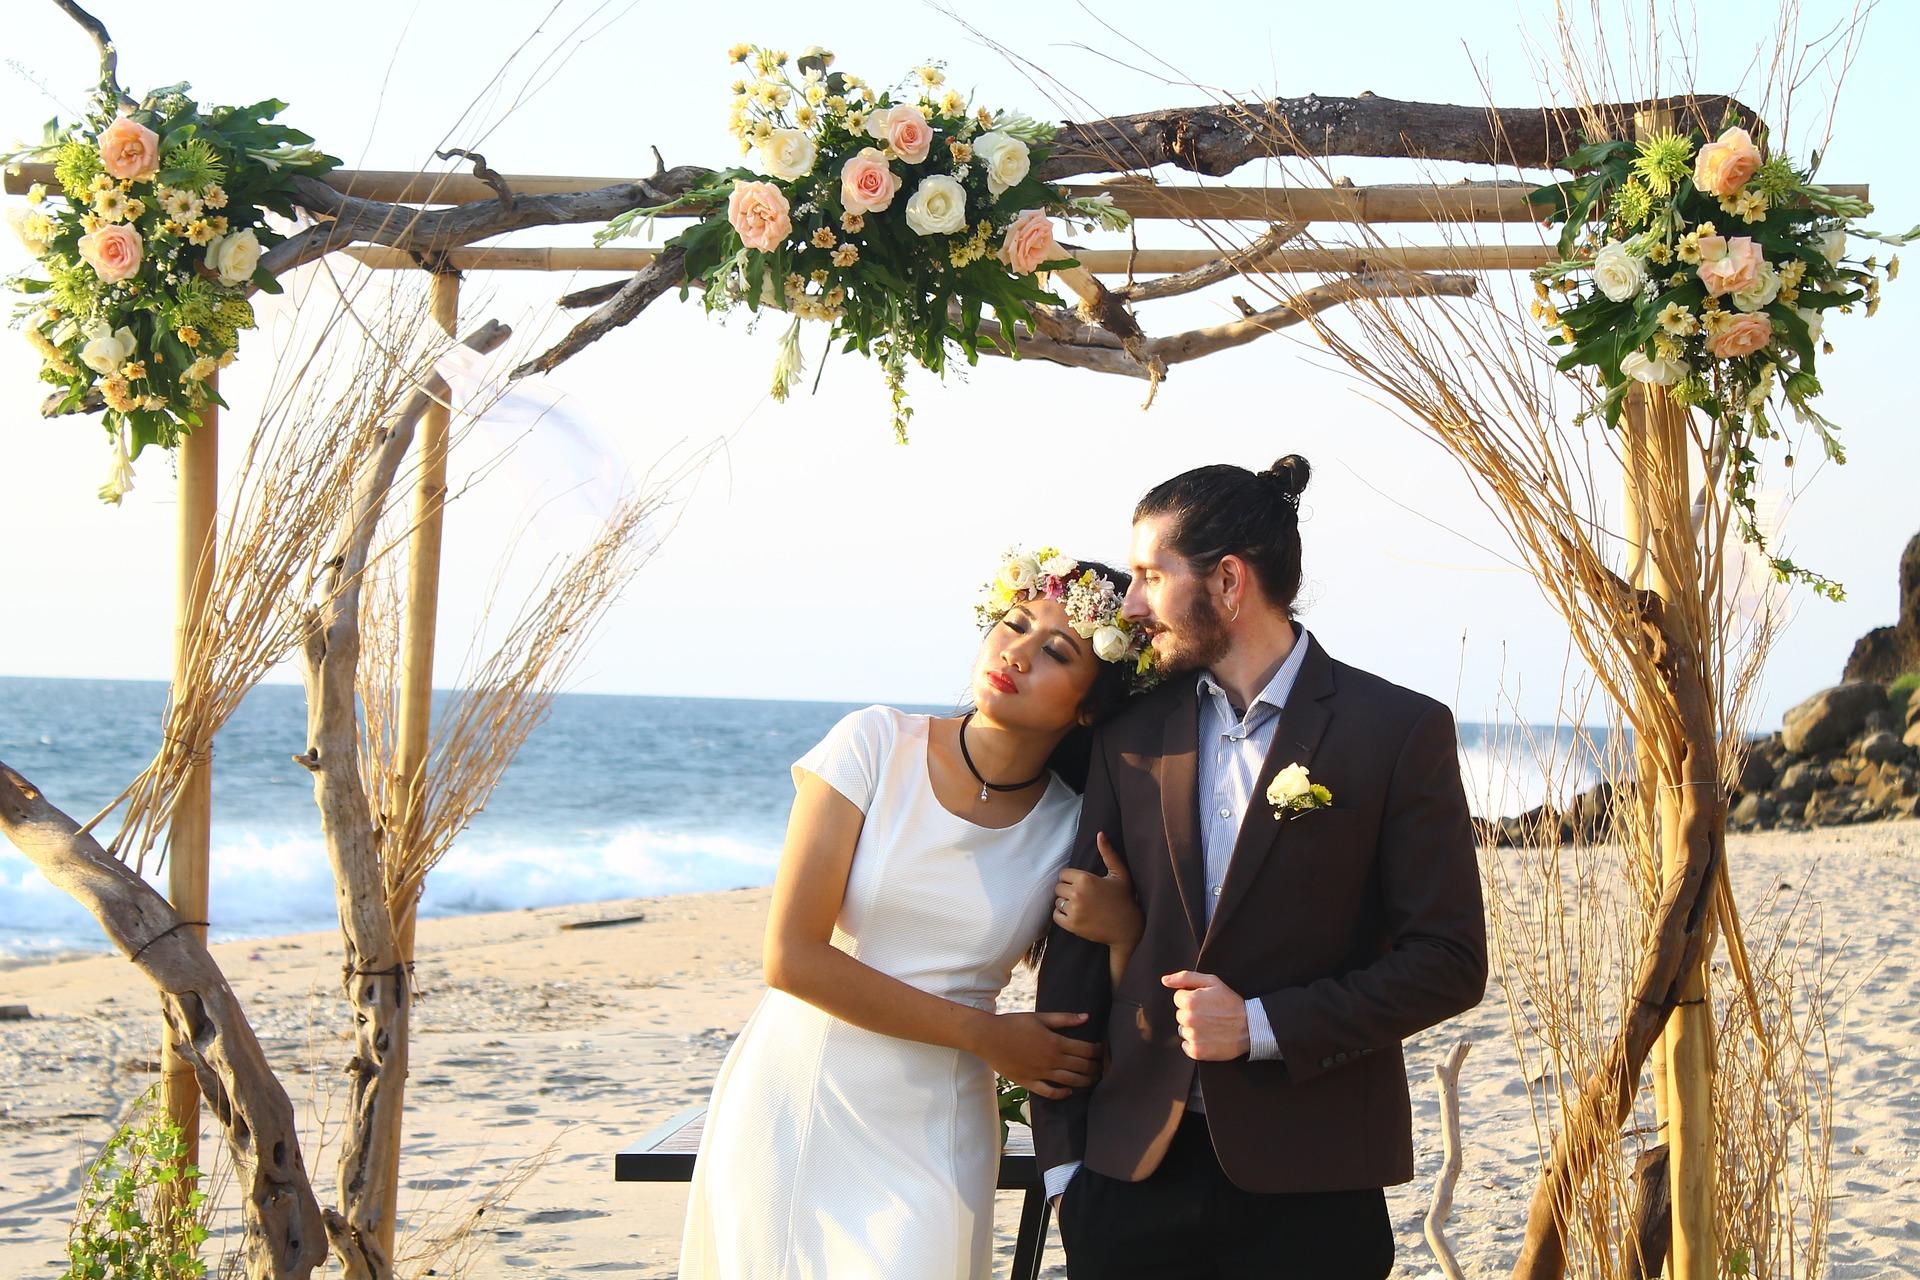 wedding-1754493_1920.jpg